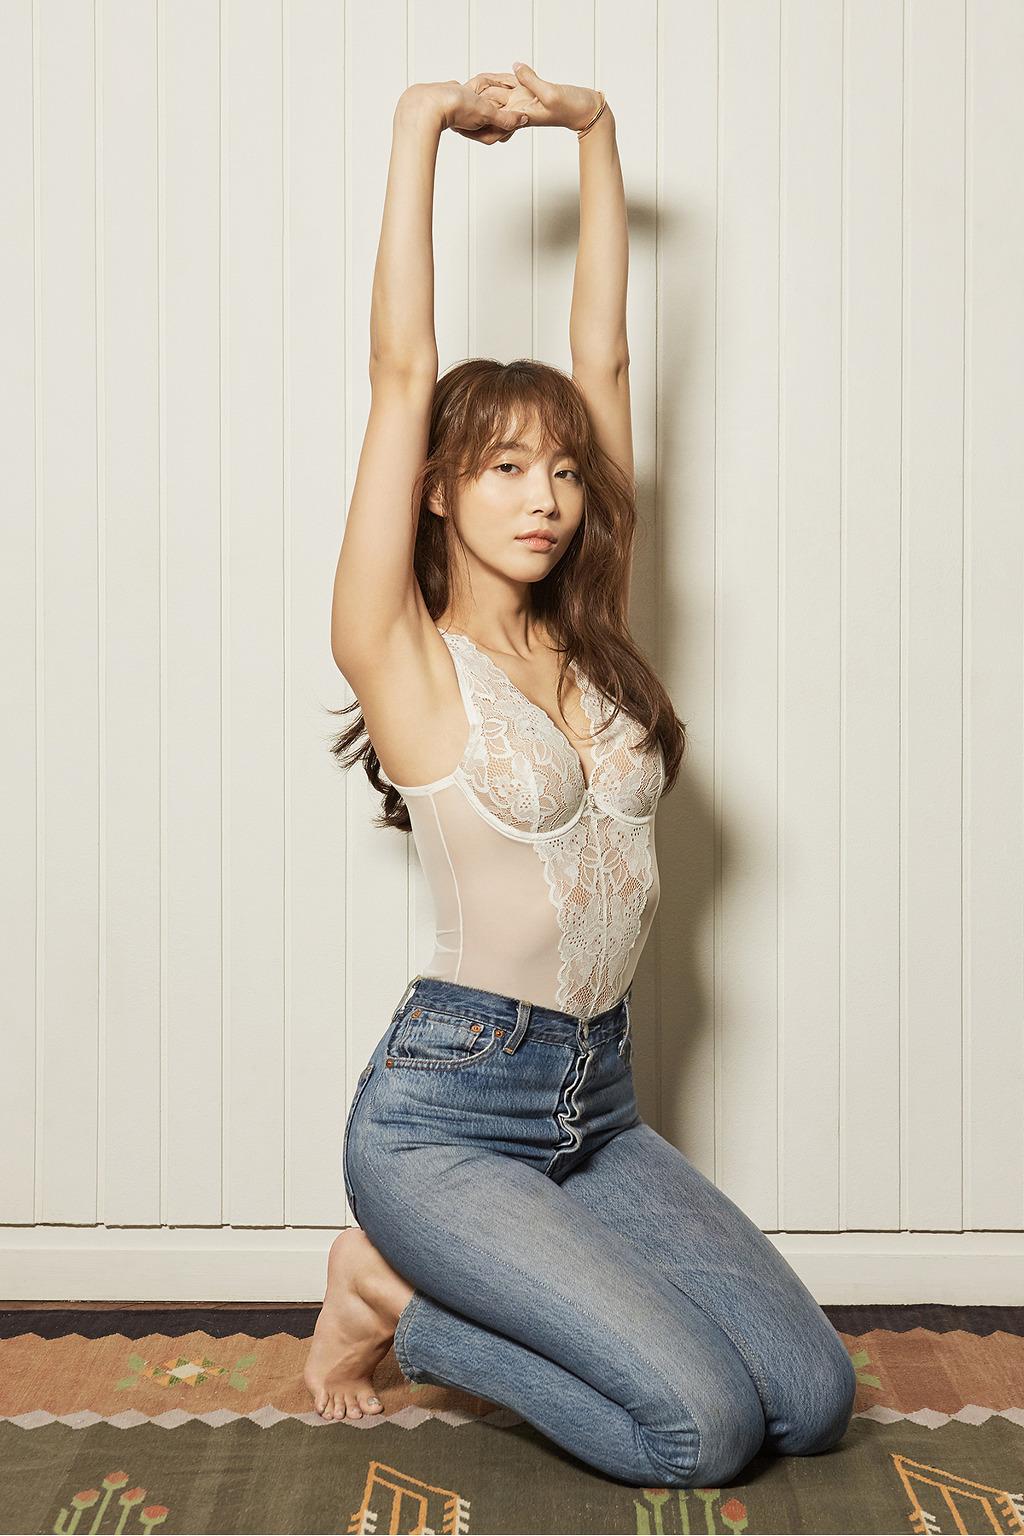 오윤아 란제리 화보